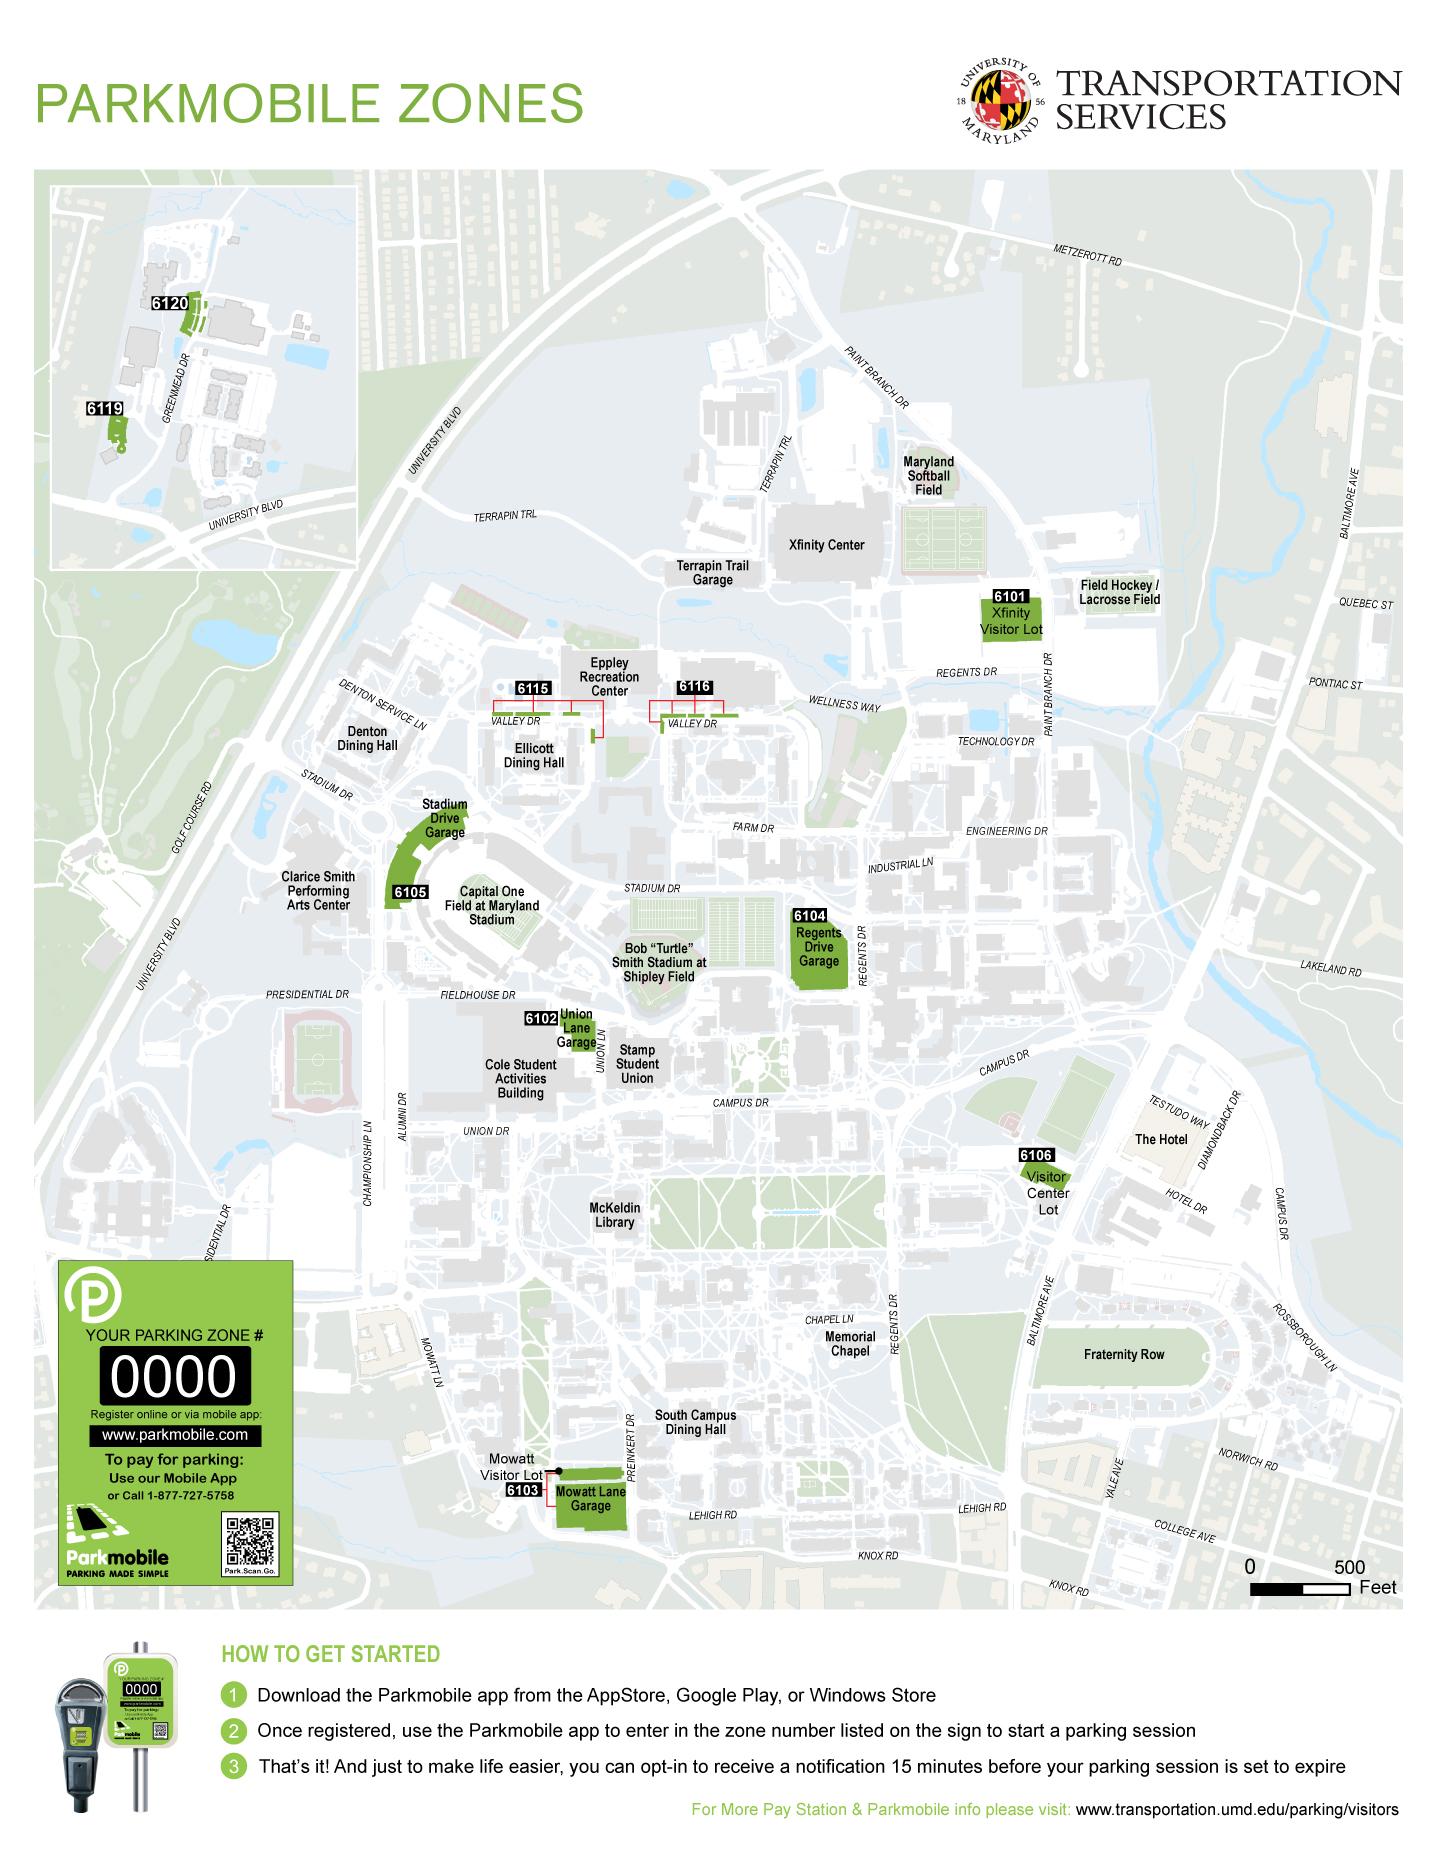 Umd Parking Map : parking, PARKMOBILE, NUMBER, LOCATOR